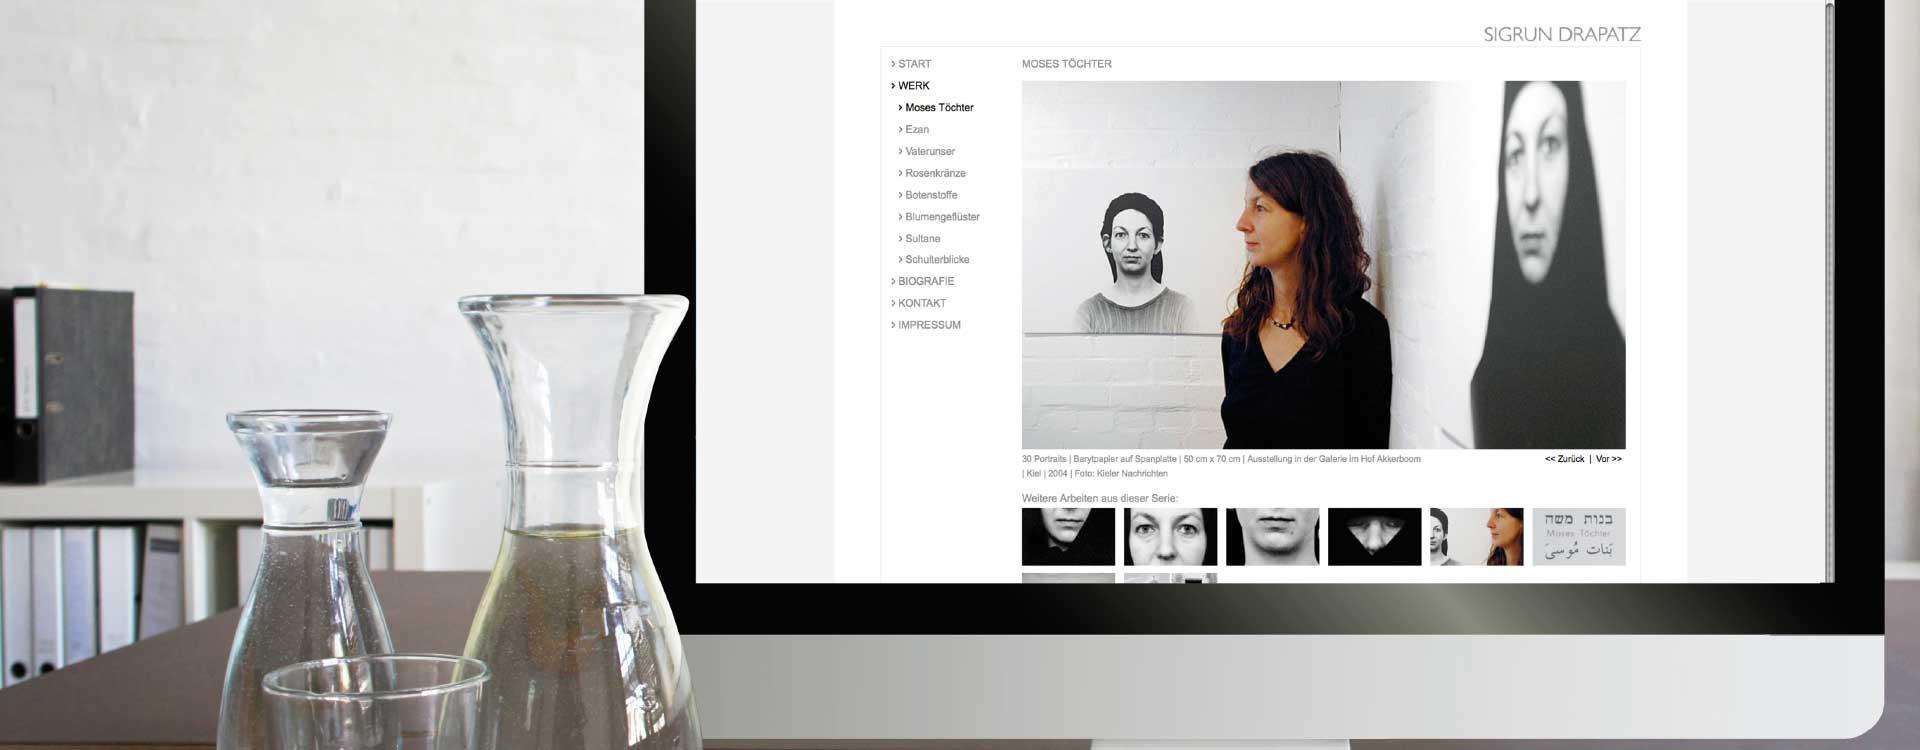 Webseite zur Kunst von Sigrun Drapatz; Design: Kattrin Richter |Büro für Grafikdesign